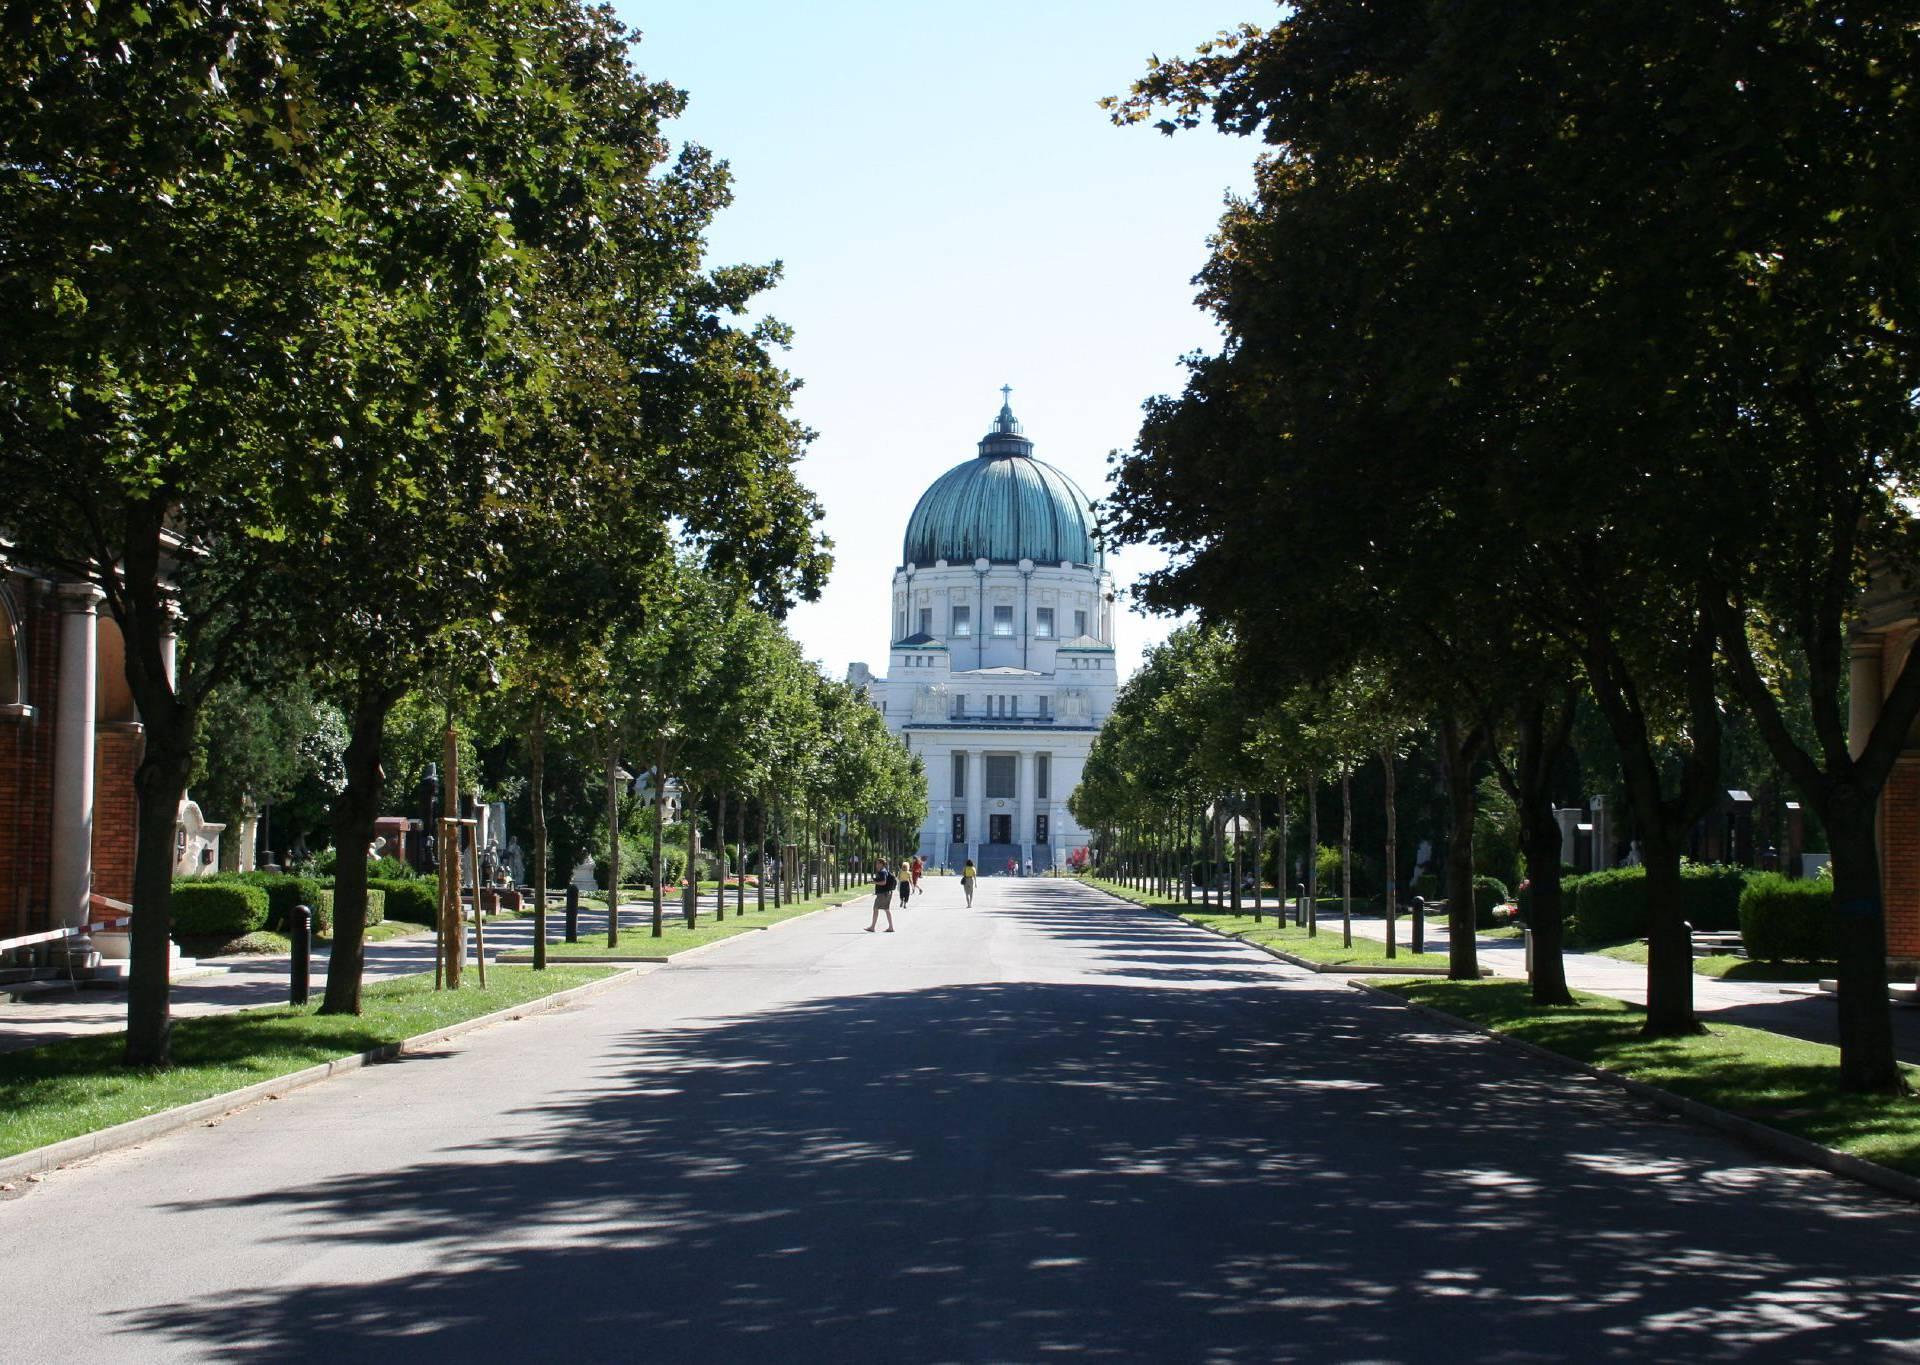 Novost u Beču: Poslije pogreba tugu ublaži slasnom zahericom